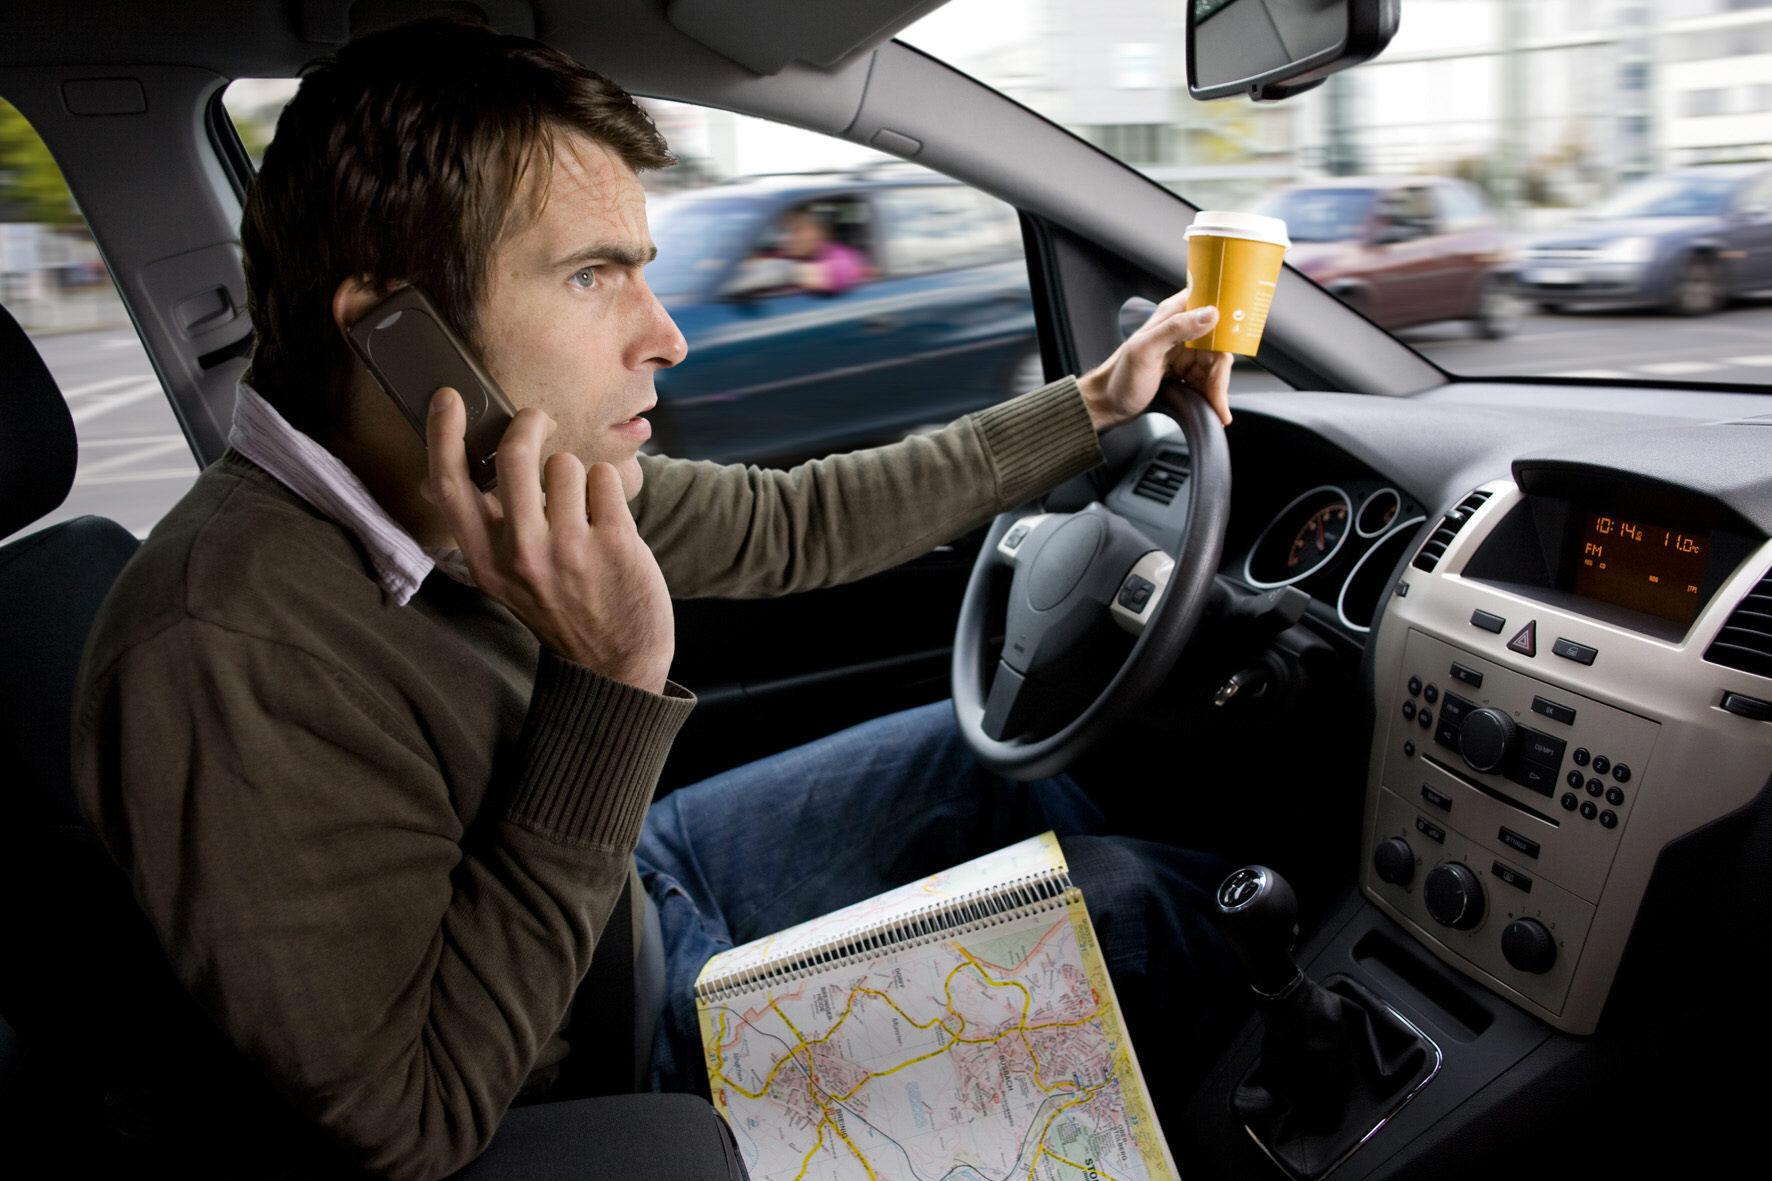 Telefonieren in Pkw mit Start-Stopp-Motoren erlaubt